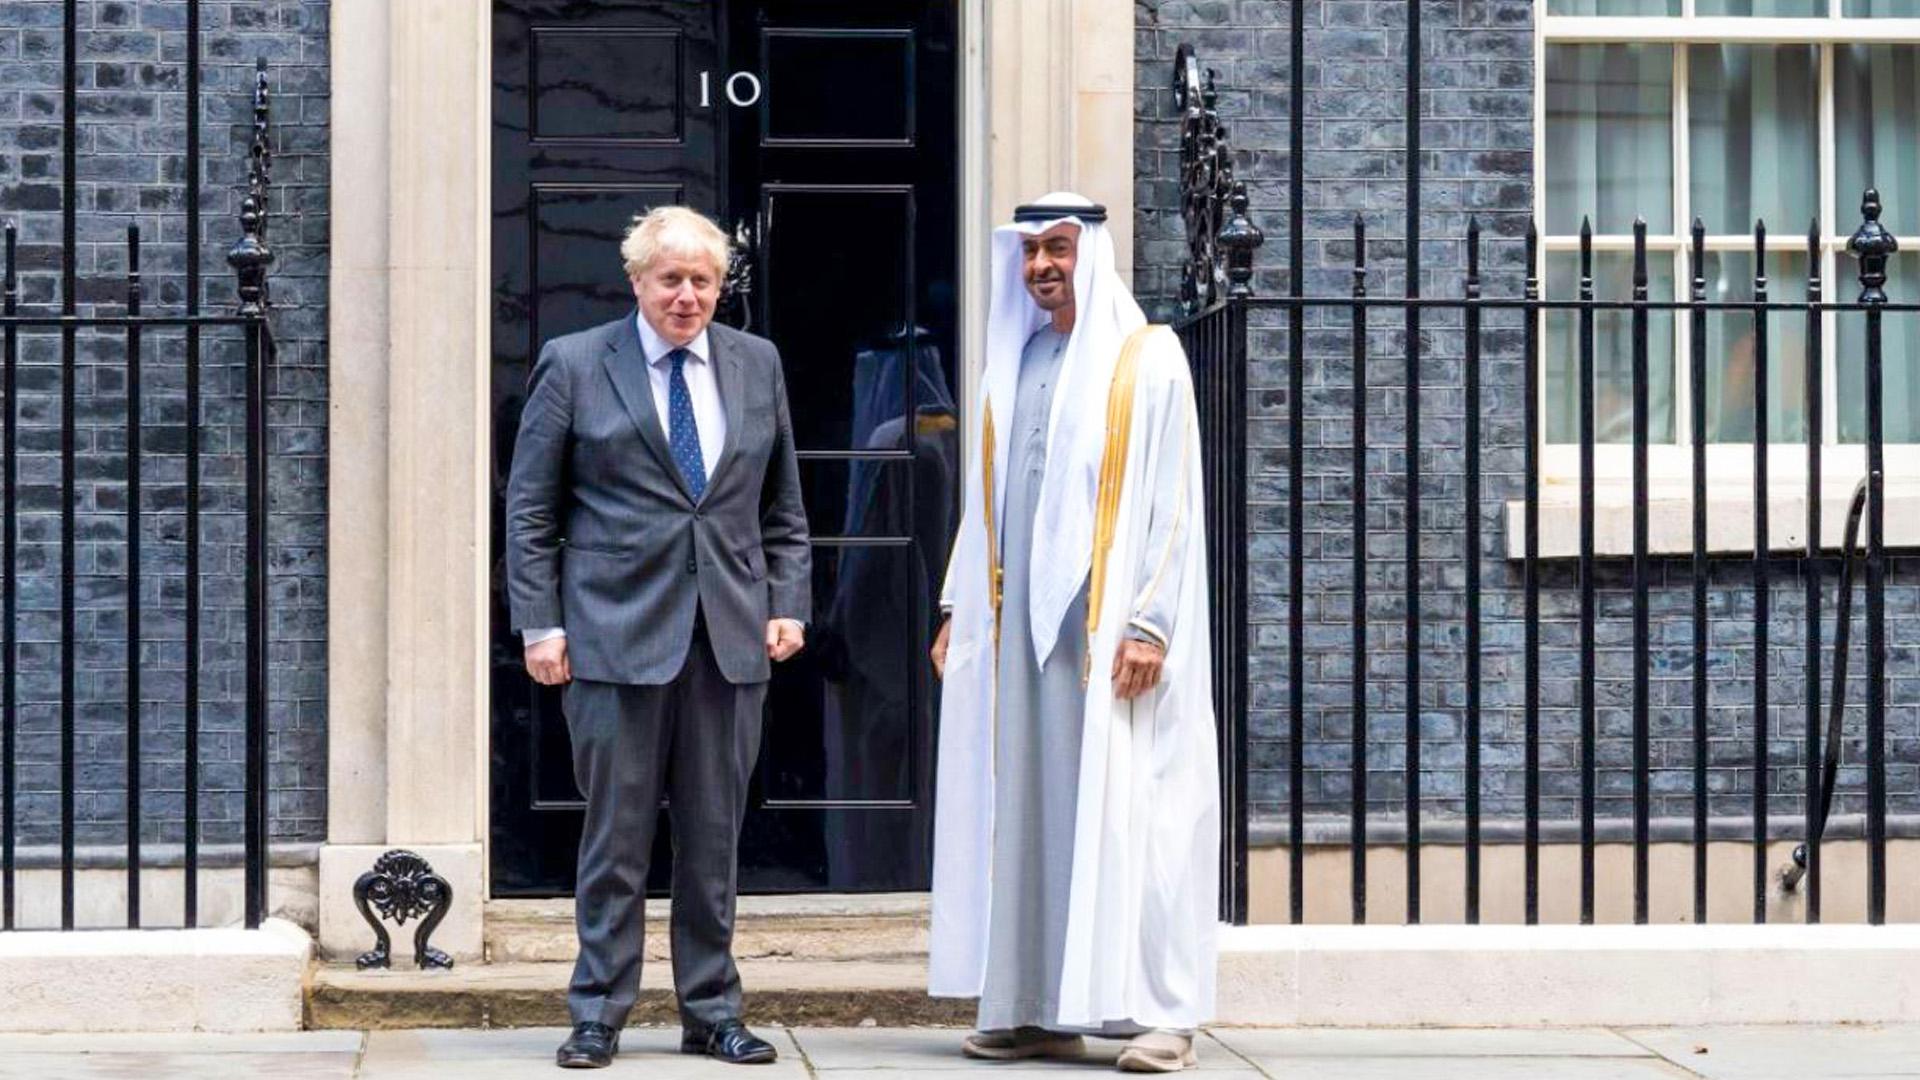 محمد بن زايد UAE يصل مقر رئاسة الوزراء البريطانية وبوريس جونسون في مقدمة مستقبليه